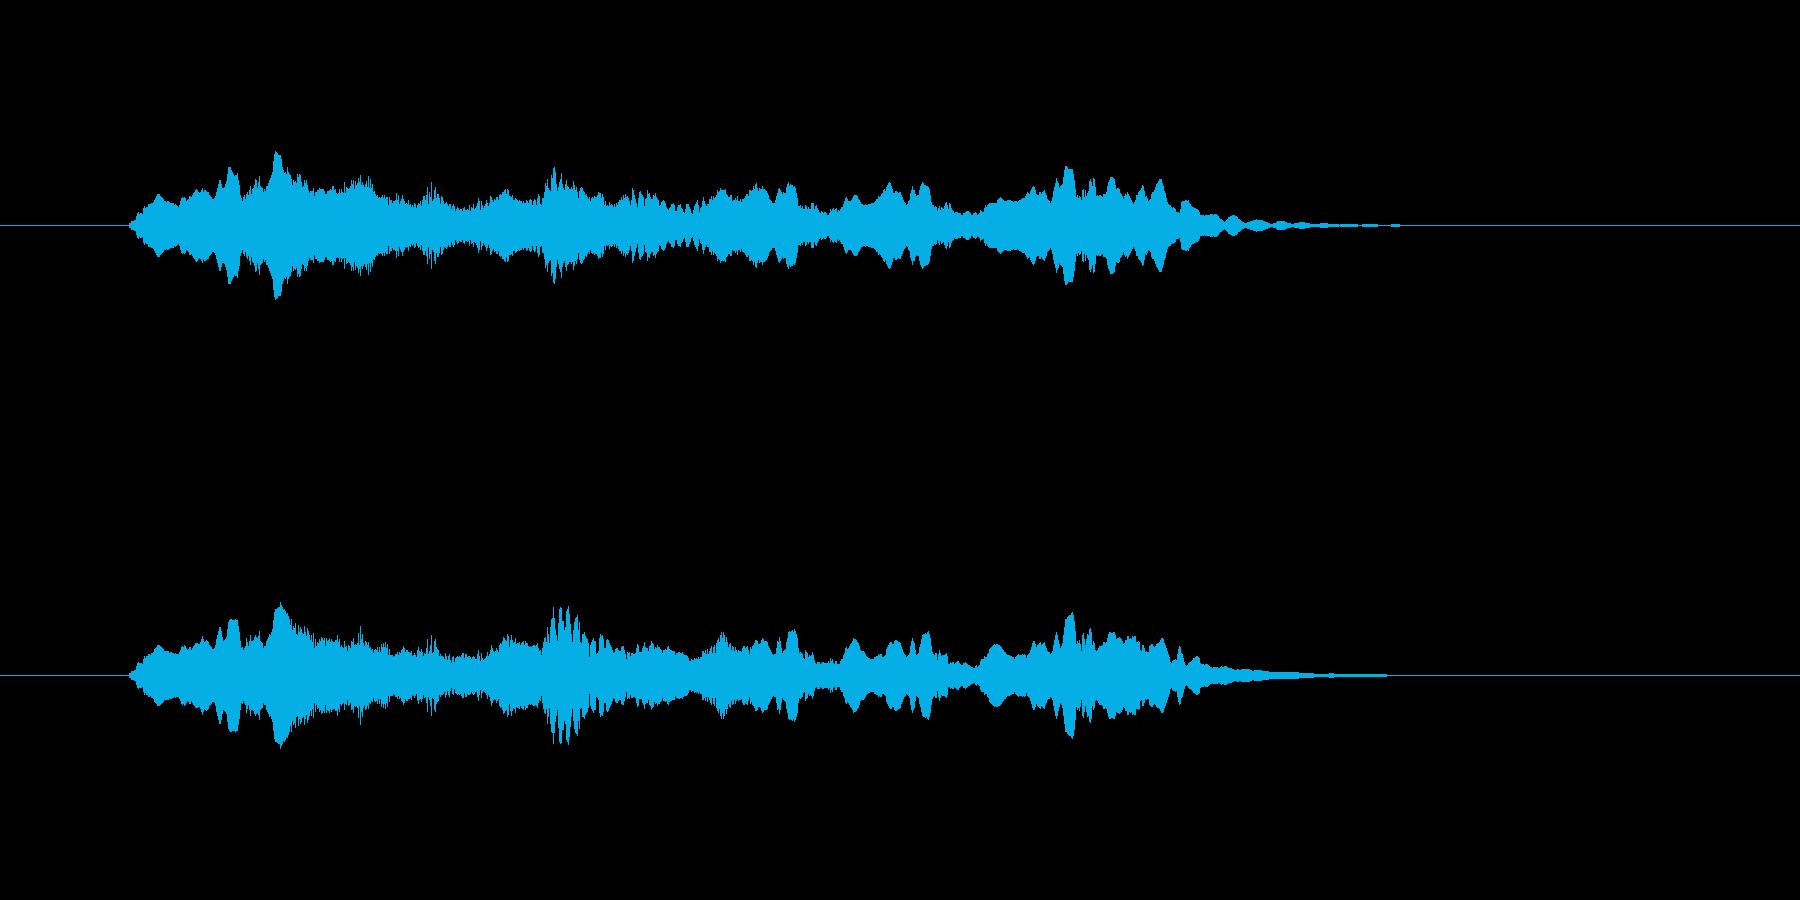 クラシック着信音の再生済みの波形